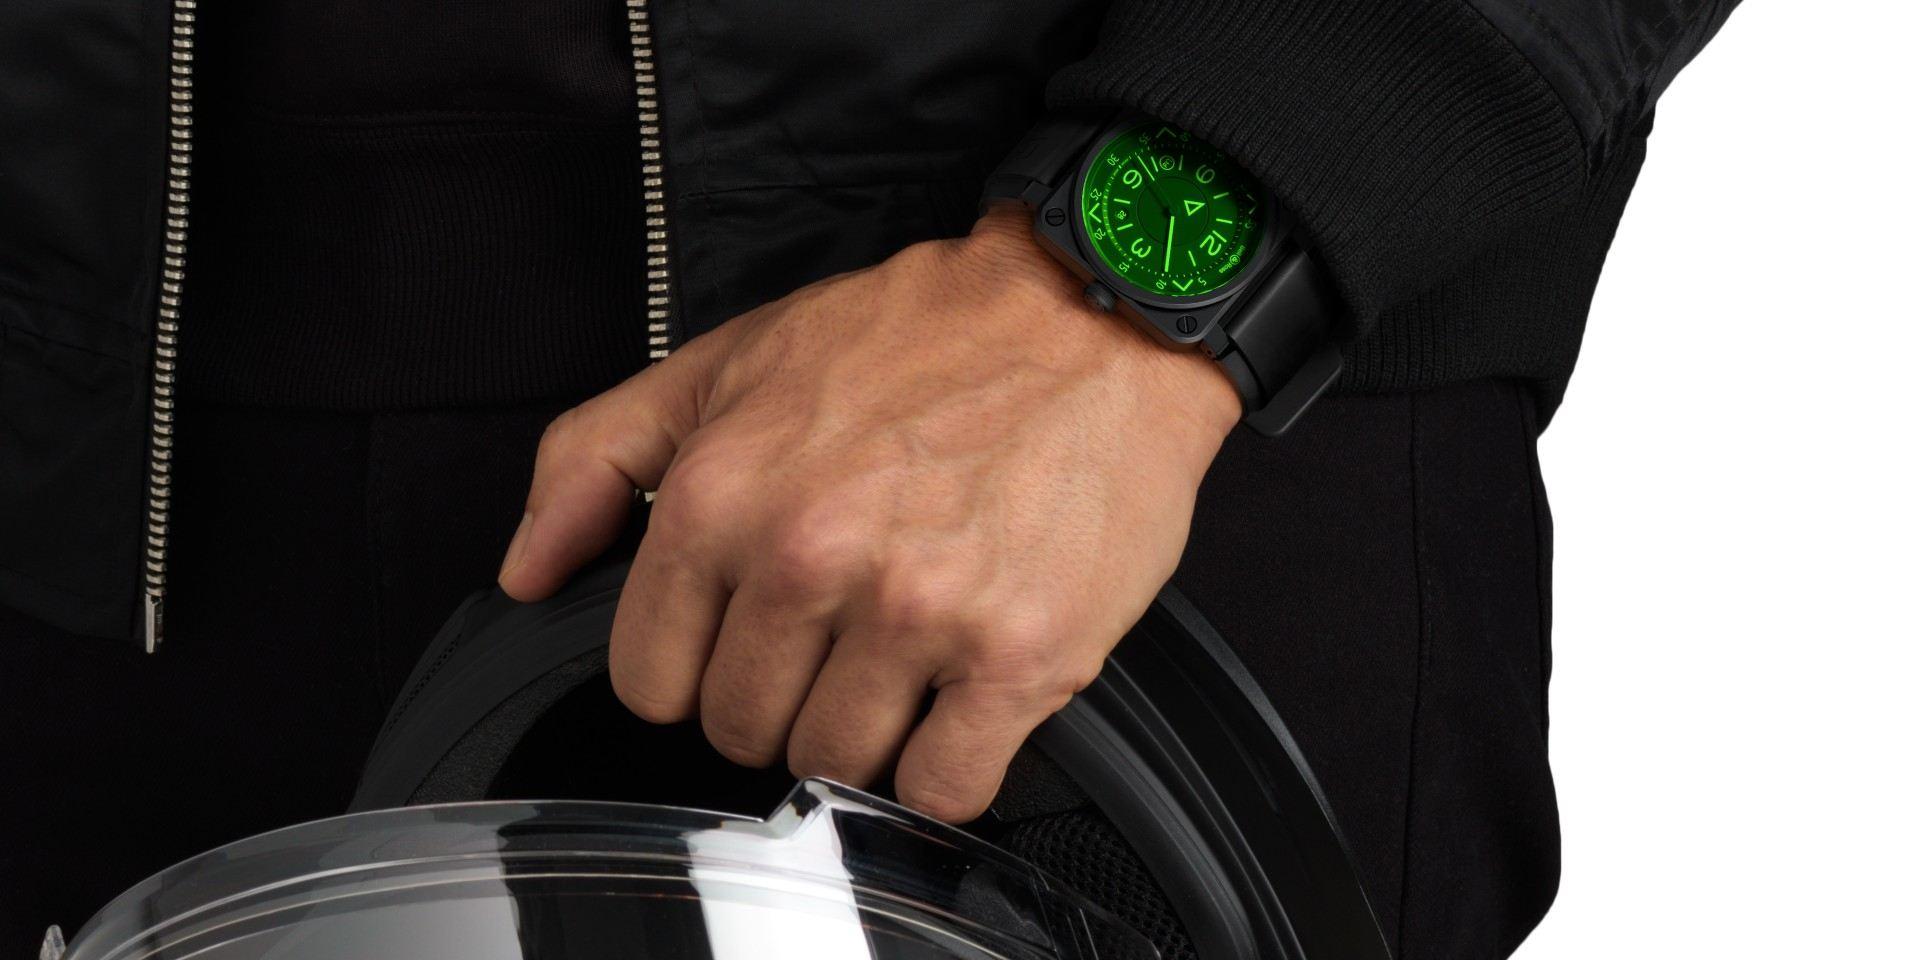 【2020線上錶展】直視前方、衝上藍天:Bell & Ross BR 03-92 HUD 抬頭顯示器腕錶